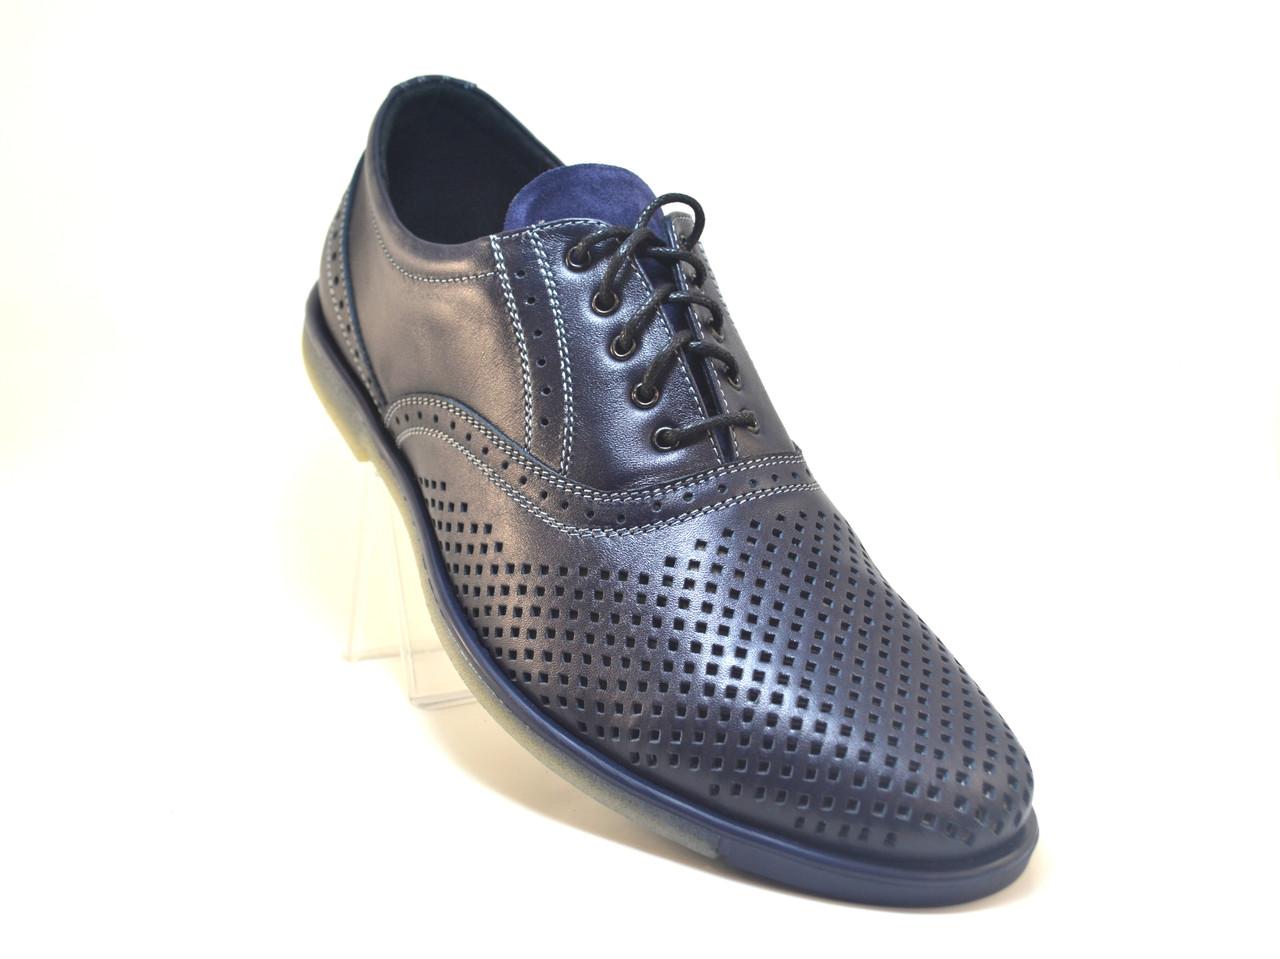 Обувь больших размеров мужские туфли летние кожаные синие с перфорацией комфорт Rosso Avangard BS Romano traf